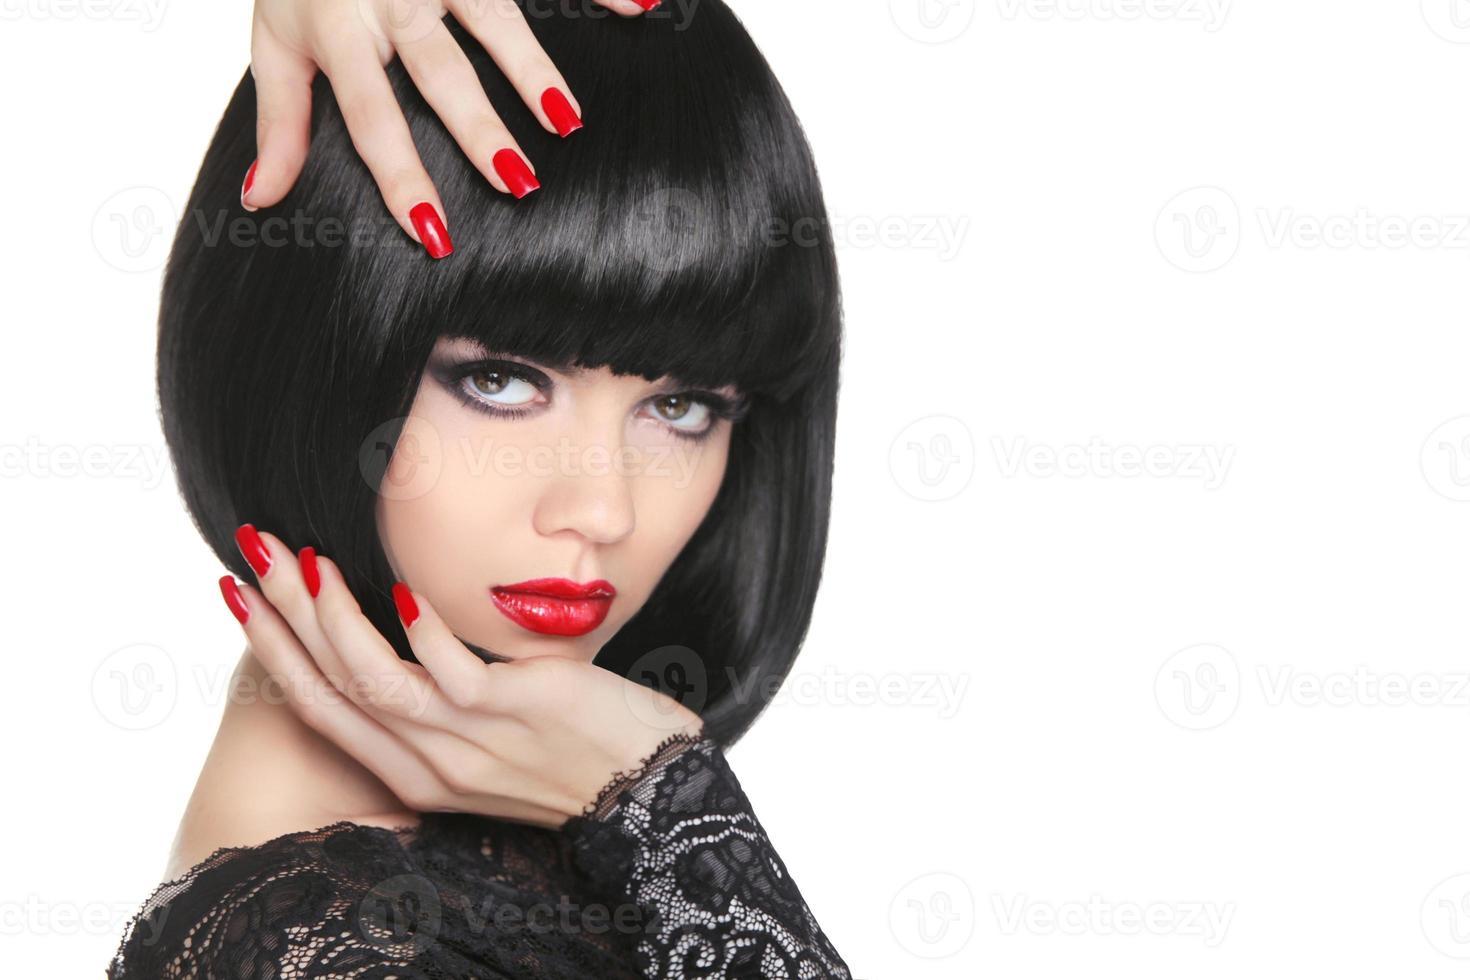 unghie curate. ritratto di ragazza di bellezza. labbra rosse. schiena corta bob foto